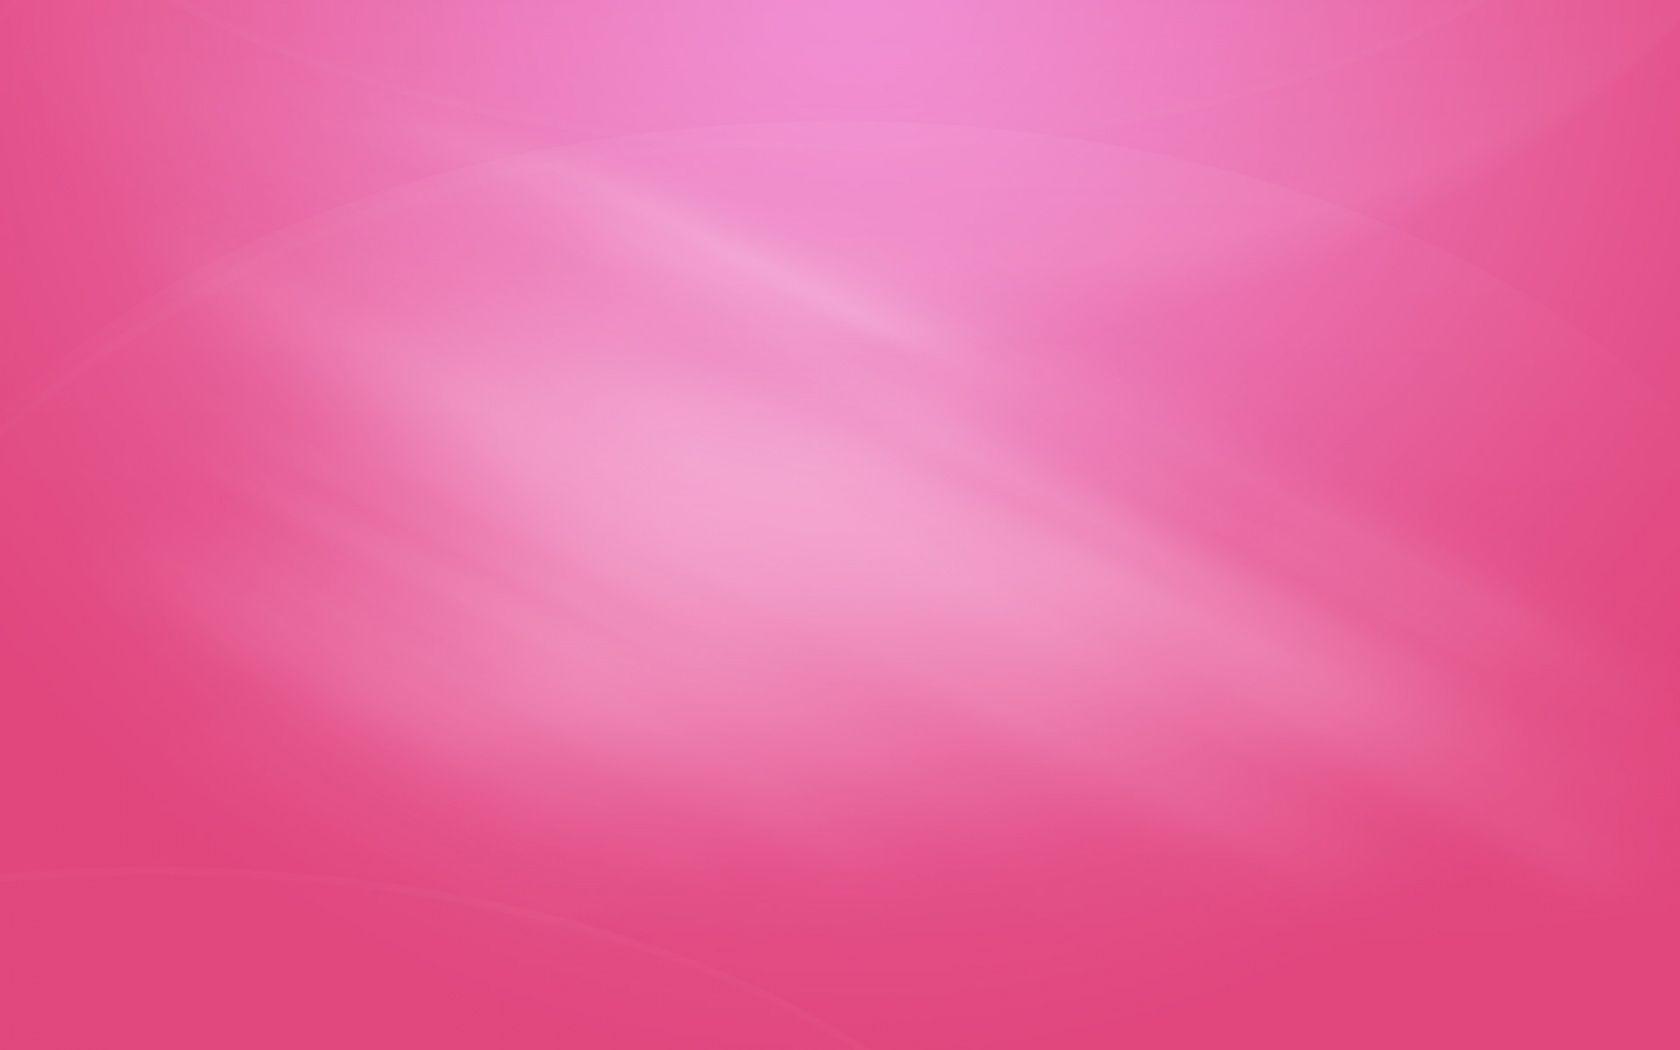 light pink wallpaper desktop - photo #41